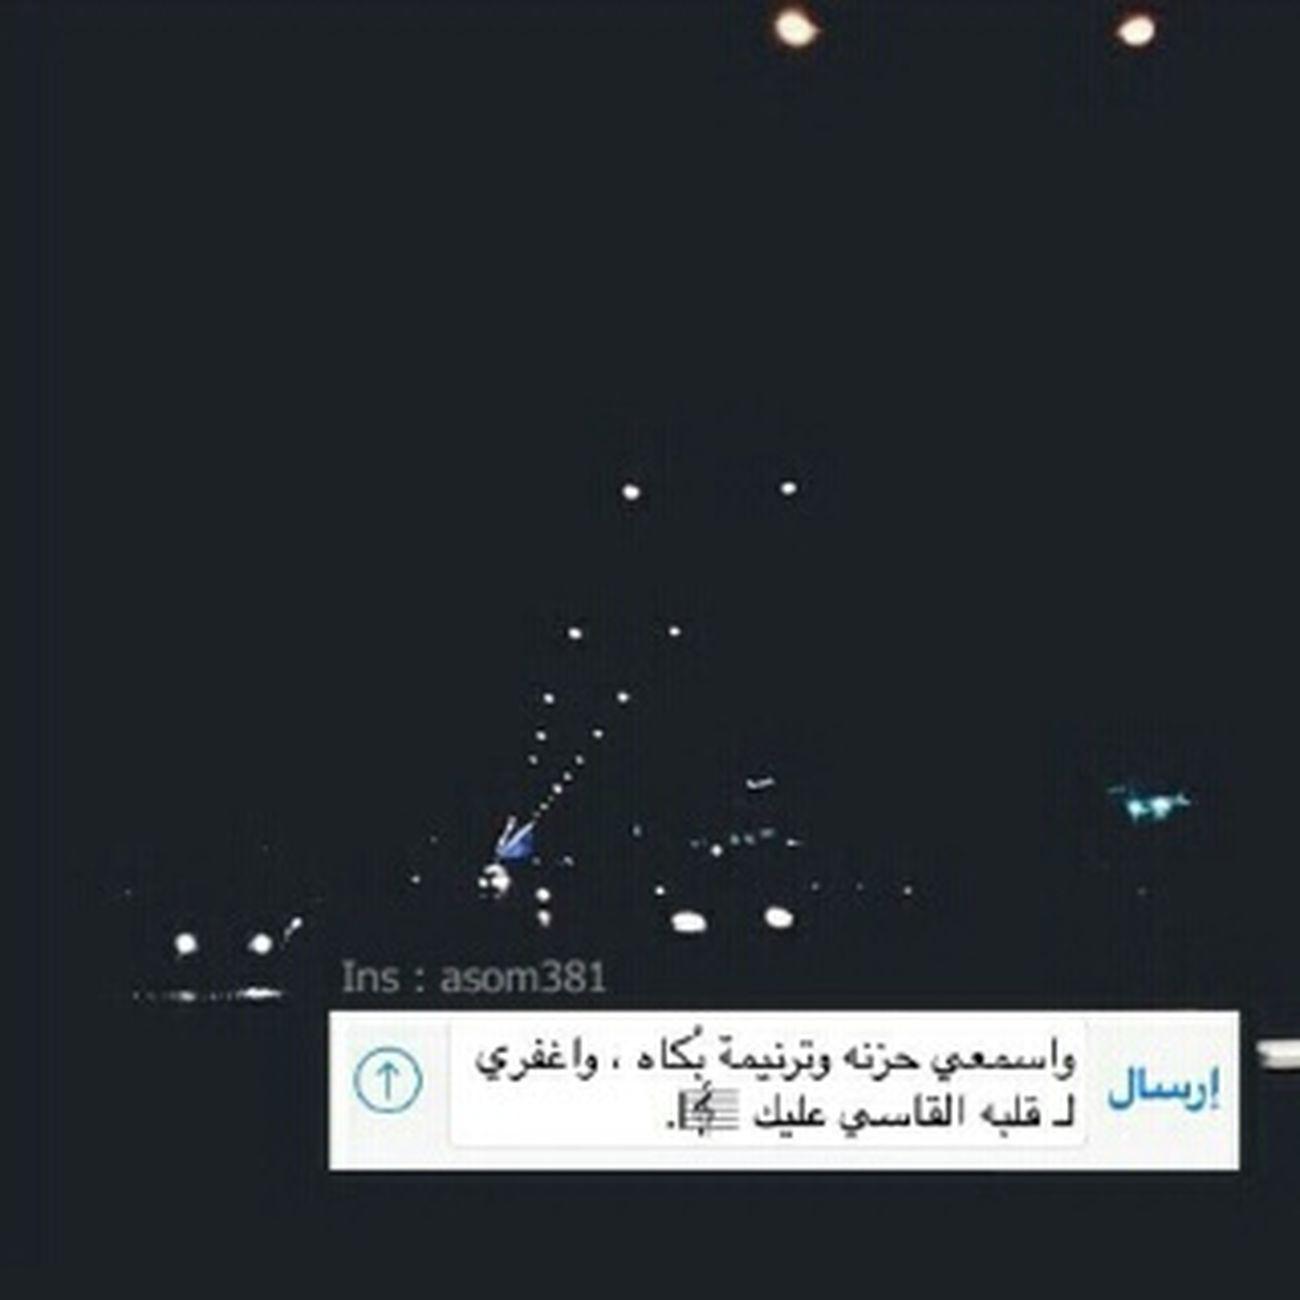 Hi! Relaxing رمزيه اسعدوني_بكومنت يتعب شعور .... كملوها !